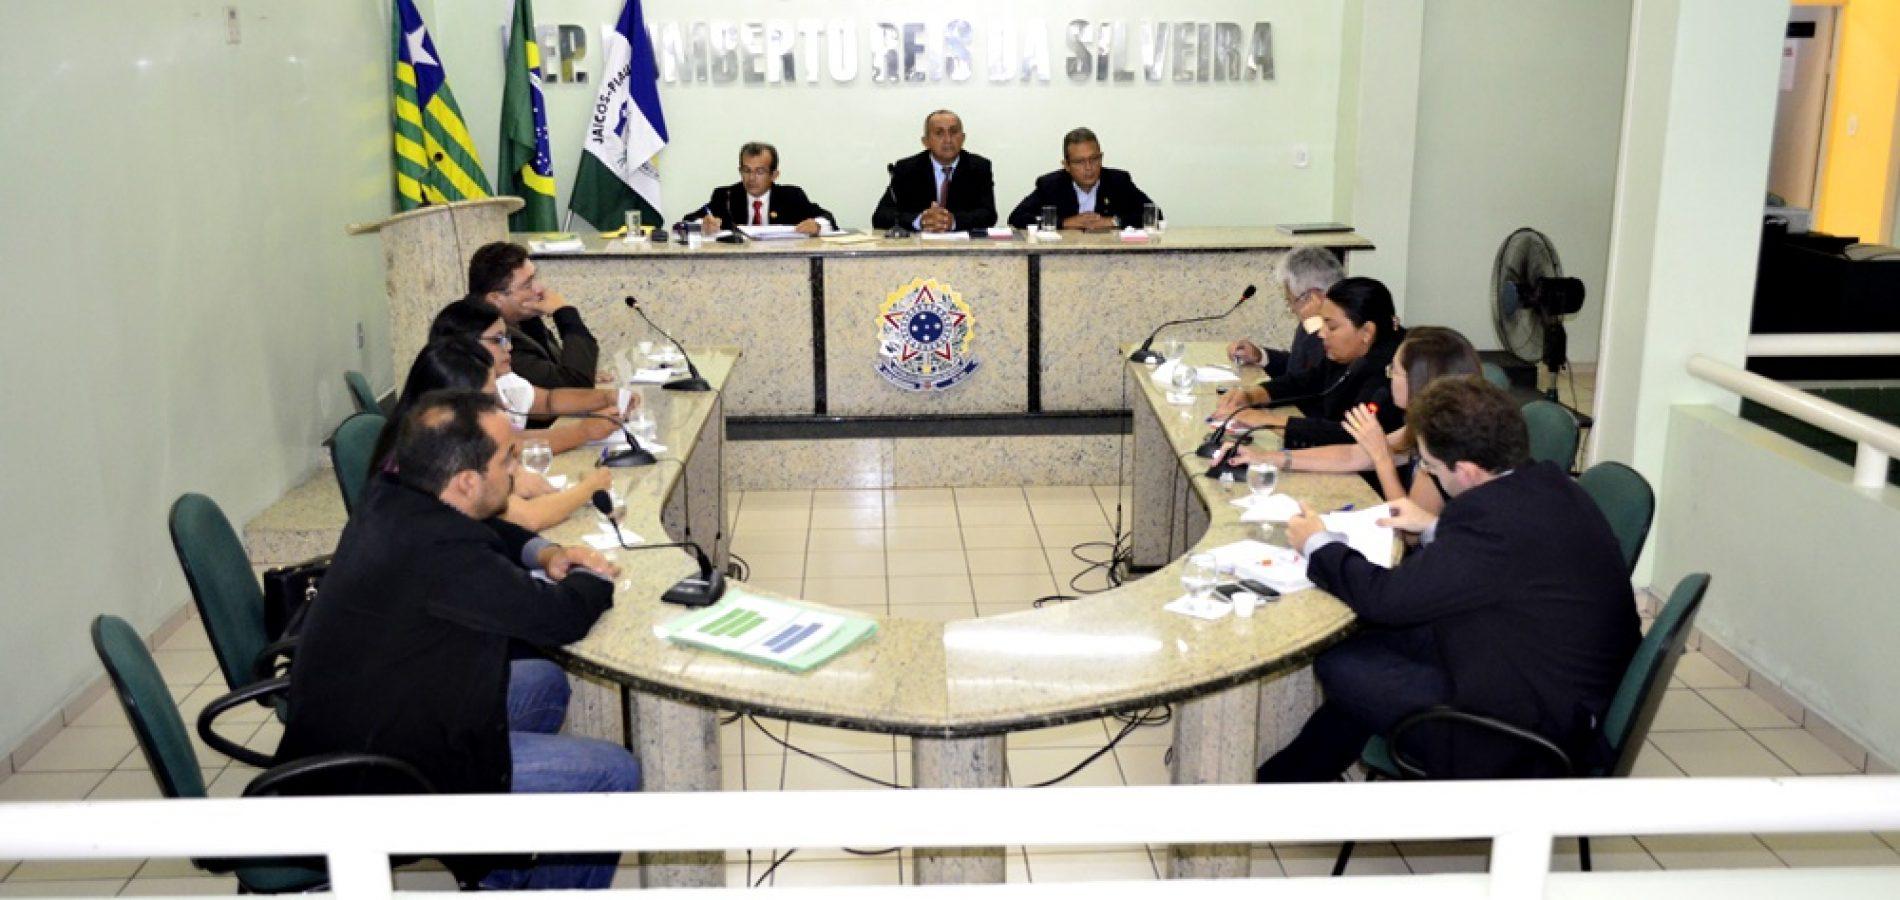 Câmara aprova projetos e Prefeitura poderá realizar concurso público em Jaicós